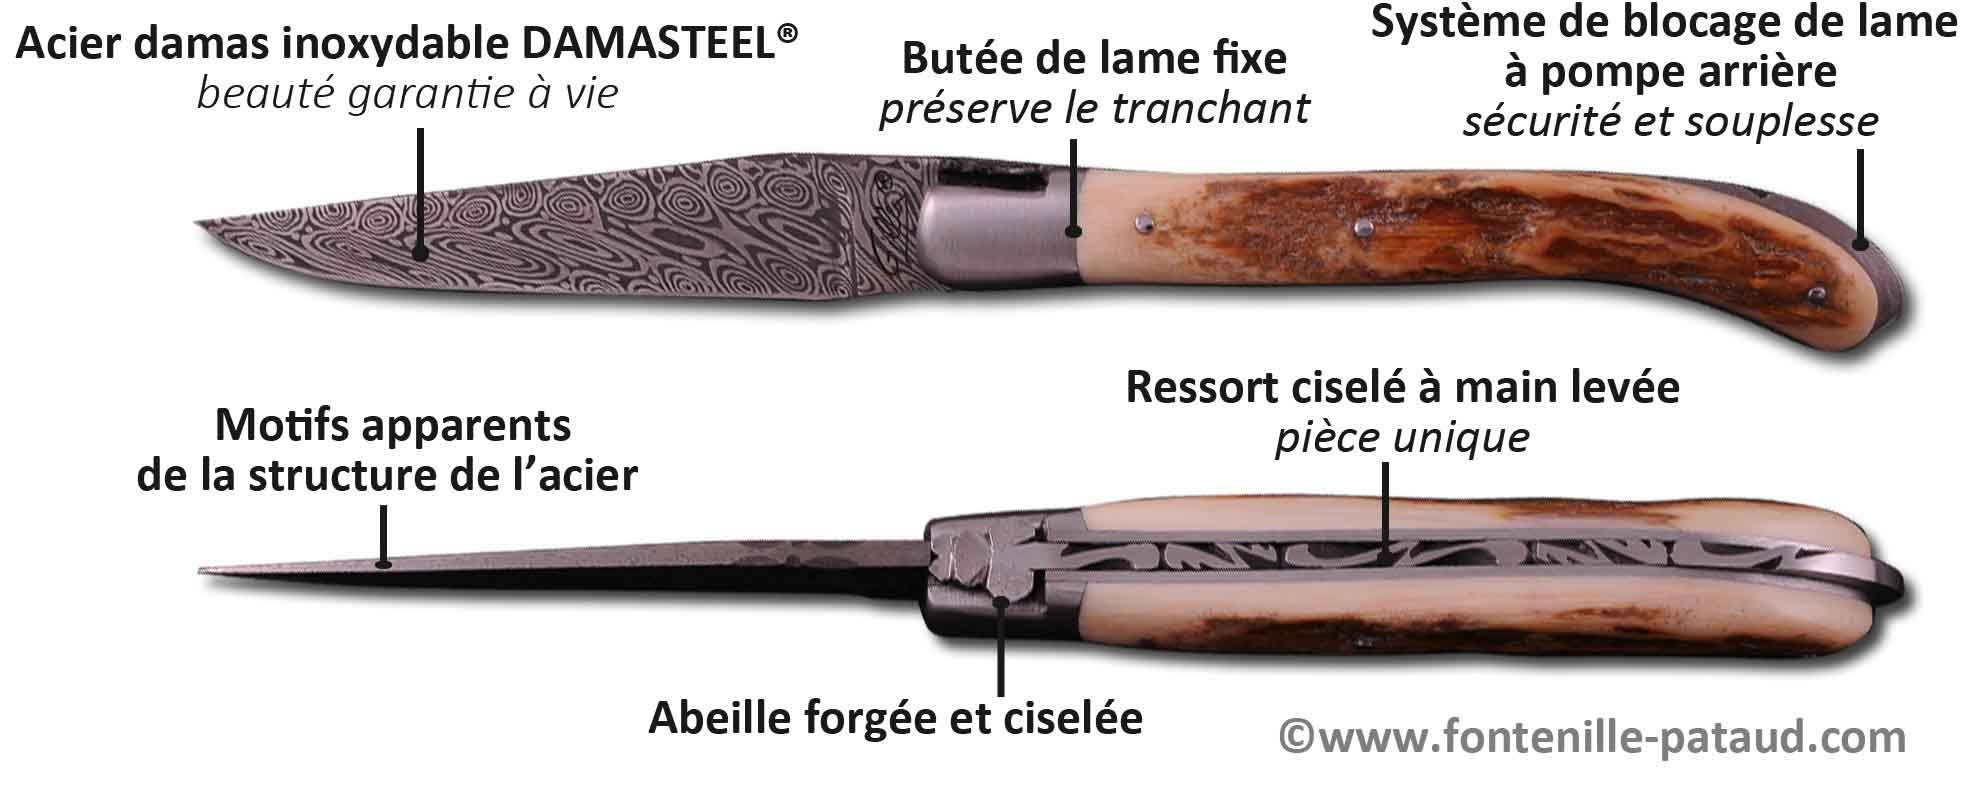 Couteau Laguiole XS avec lame damas